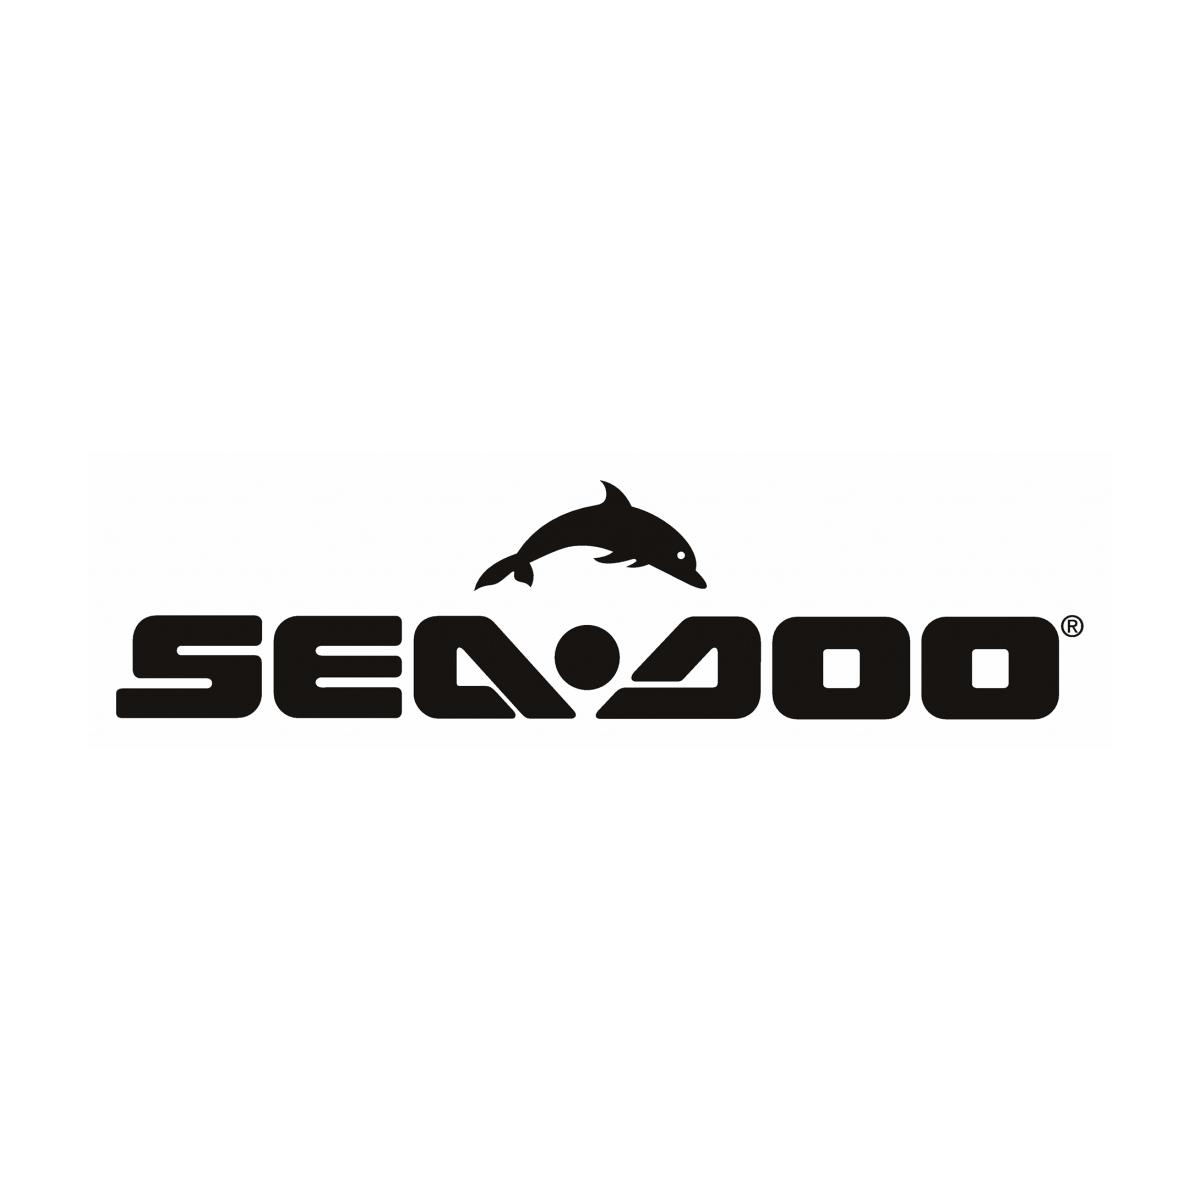 Arruela Encosto Rolamento Vira Jet Ski Sea Doo 720  - Radical Peças - Peças para Jet Ski